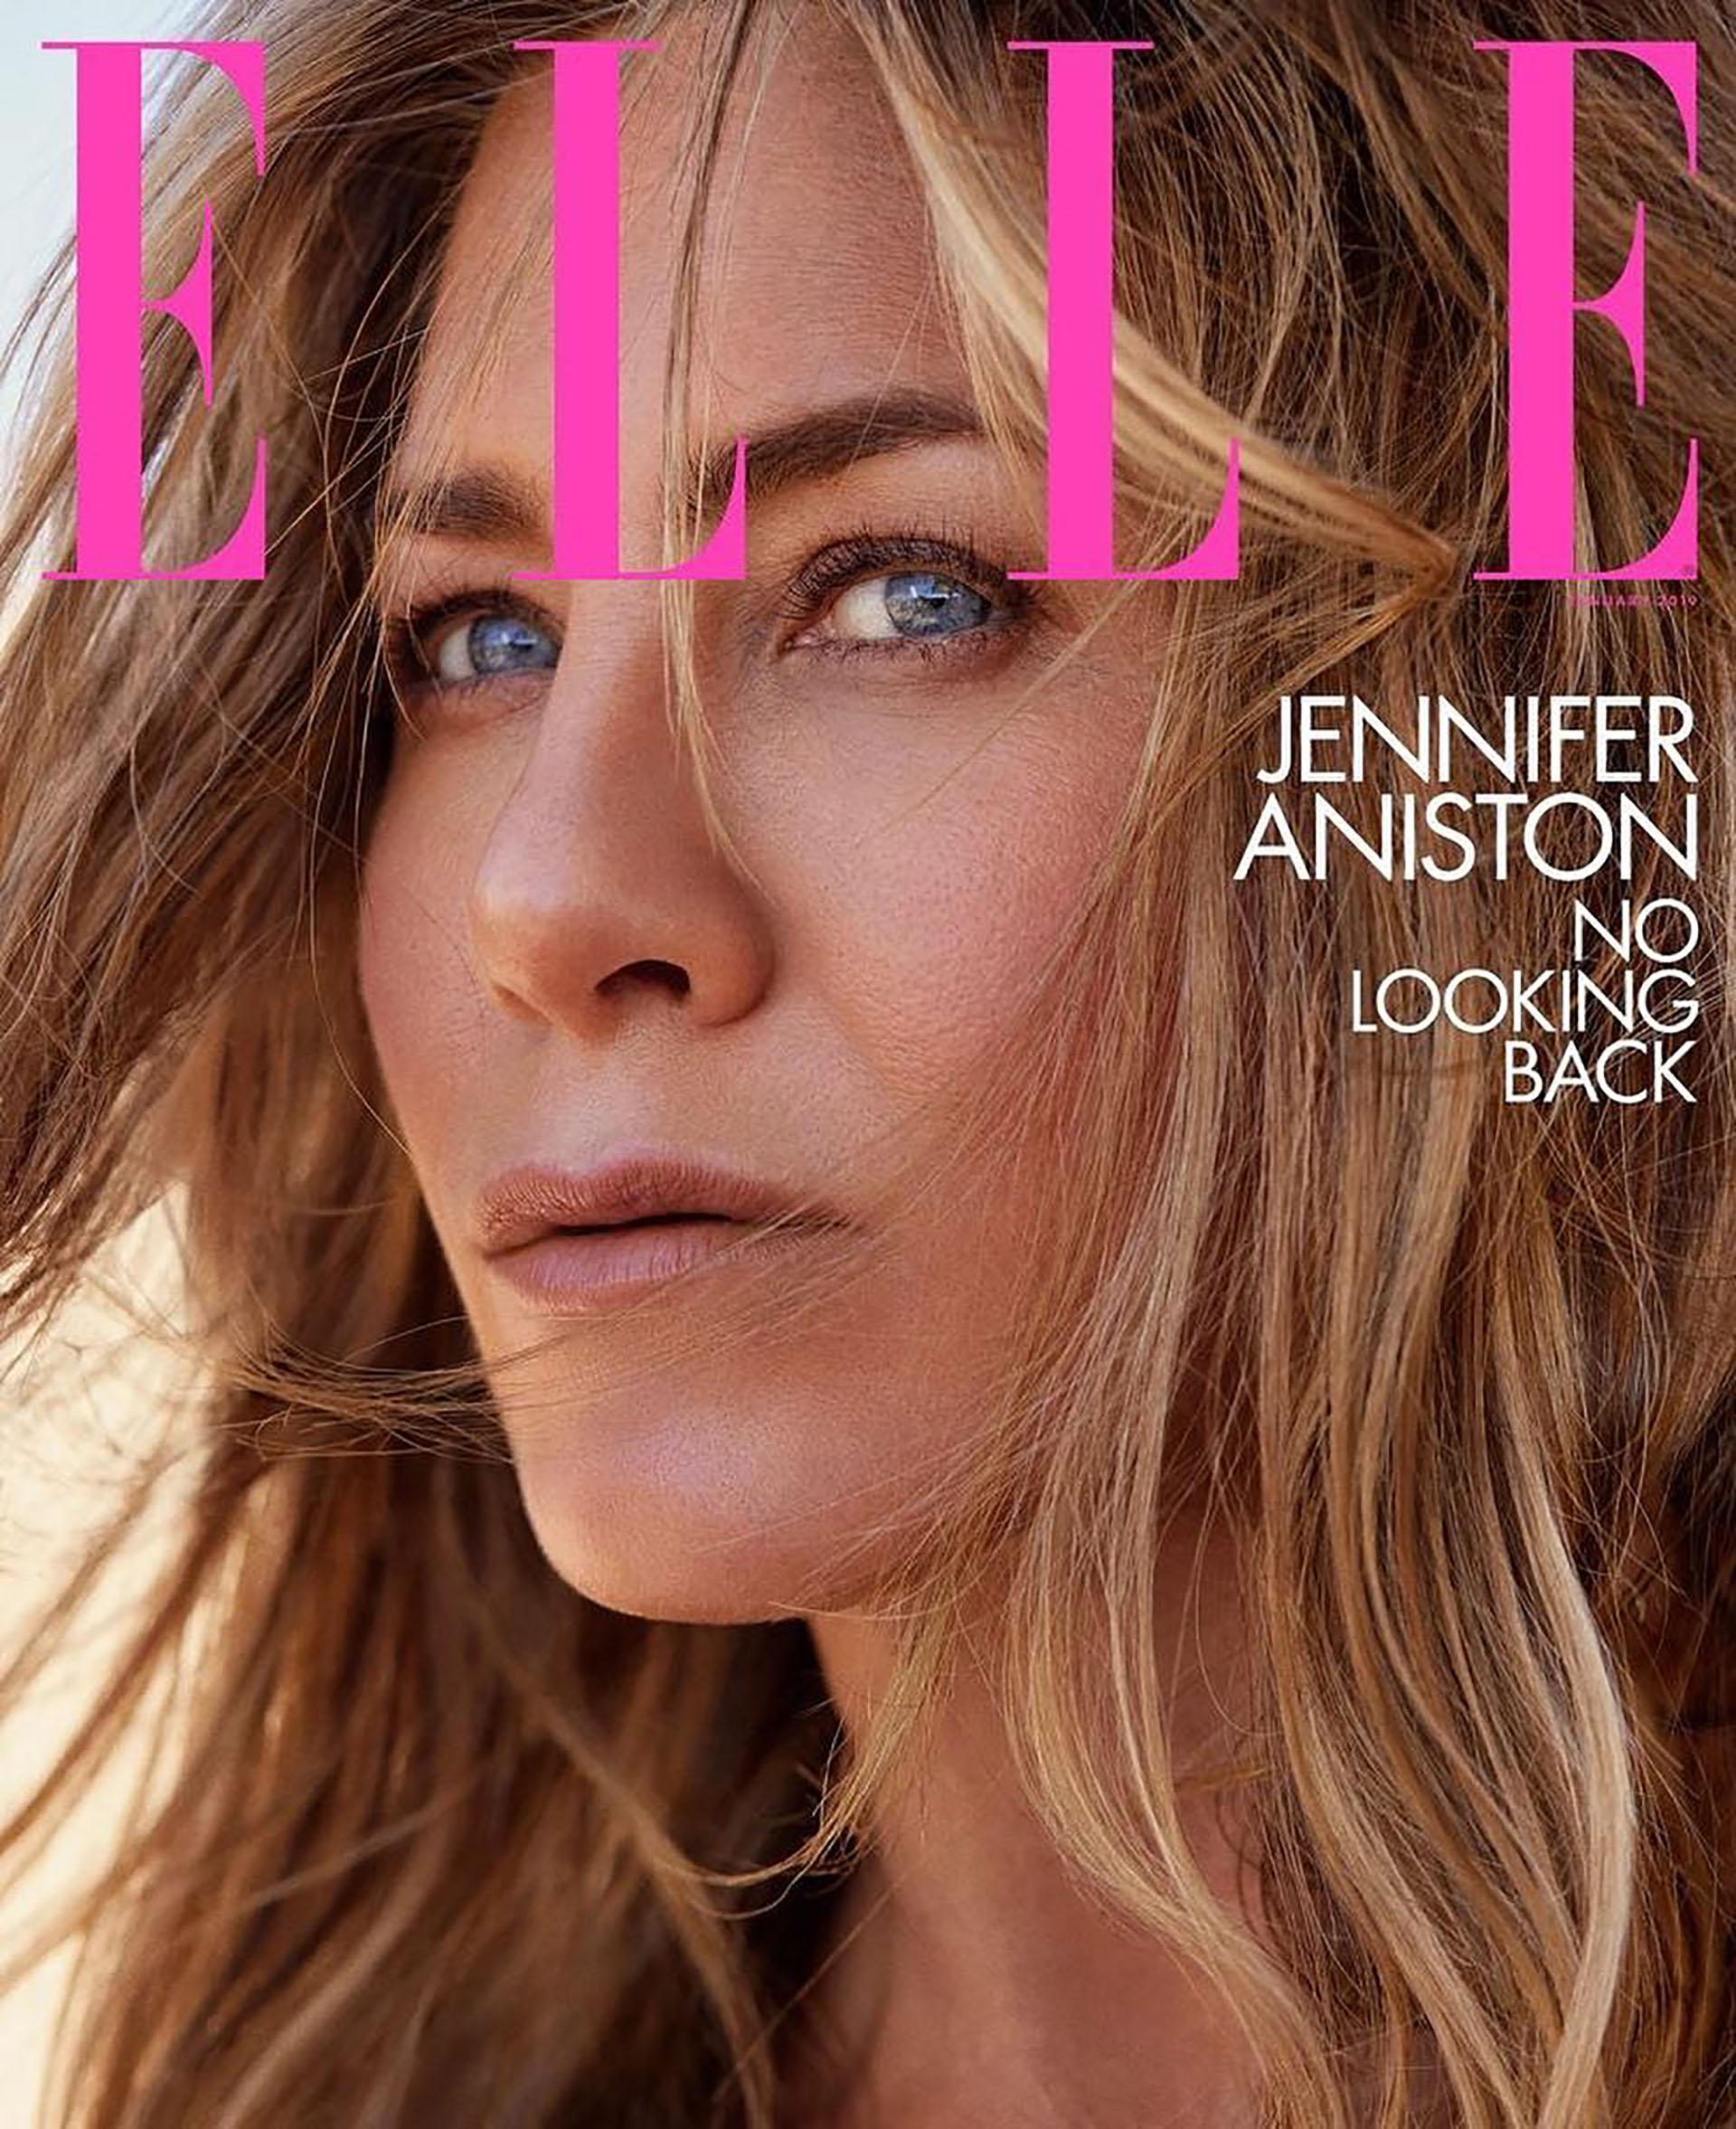 La semana pasada la actriz brindó una entrevista reveladora en la revista Elle (@elleusa)